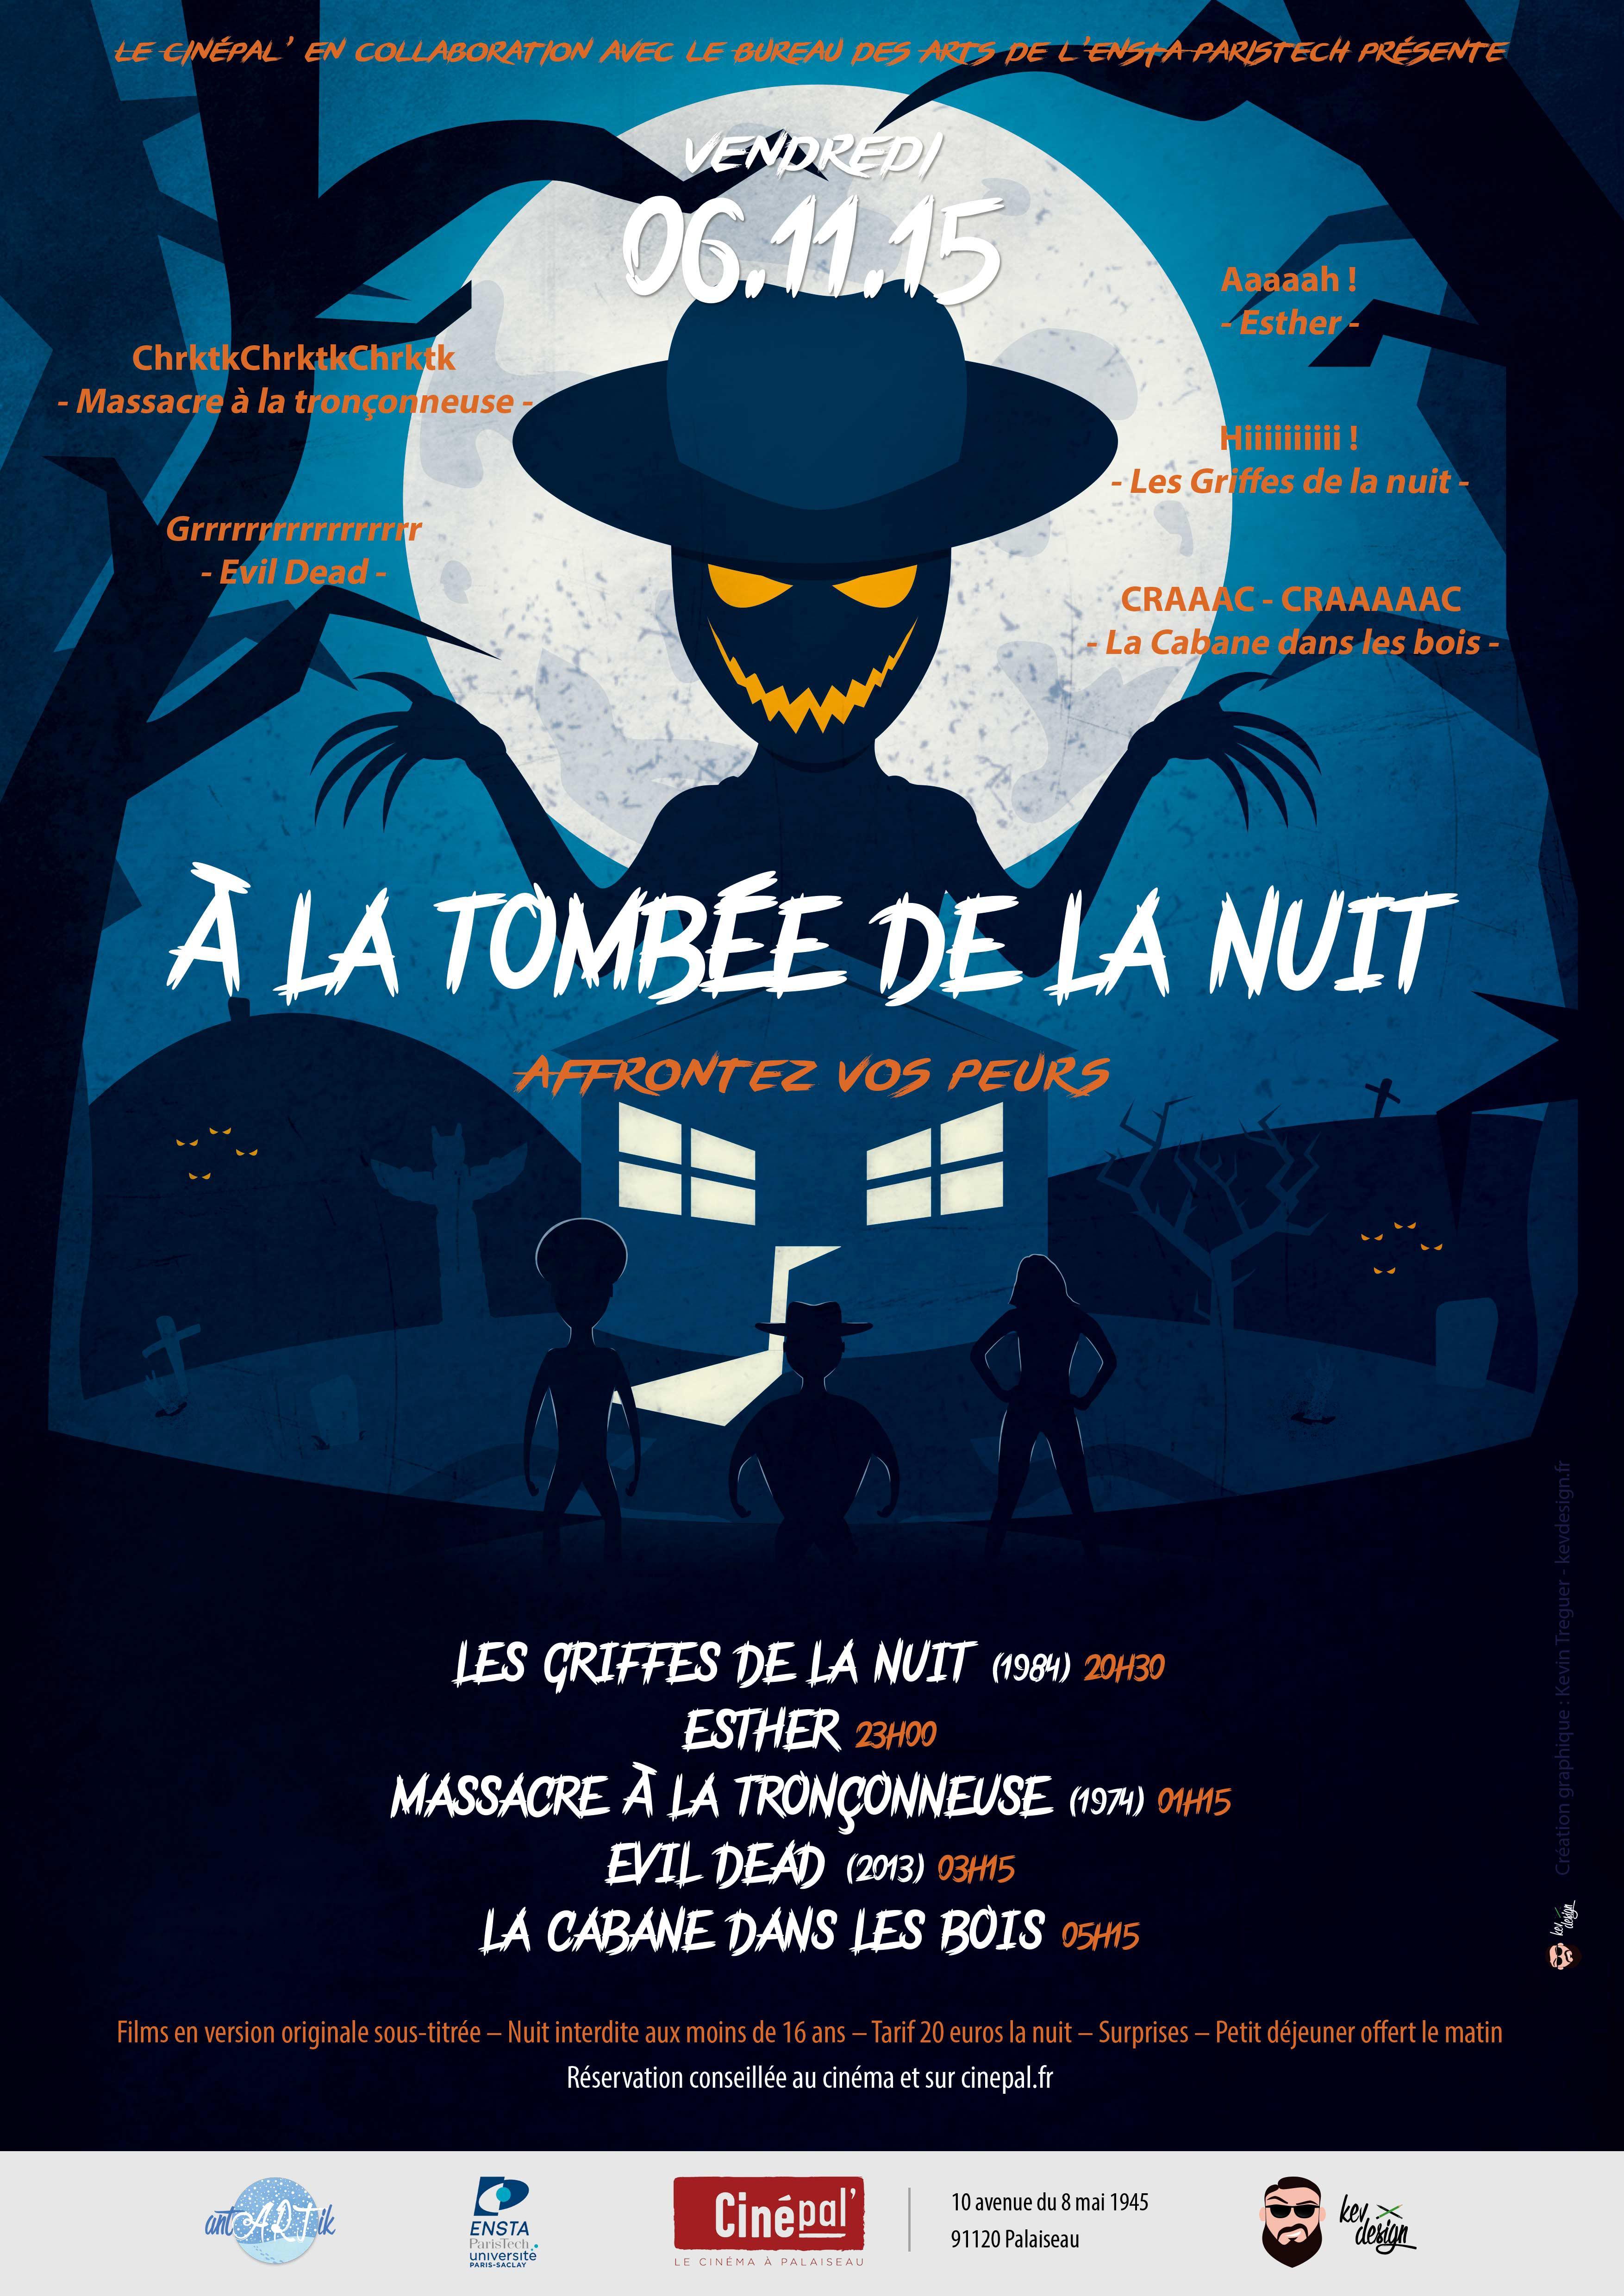 Ile de France : Soirée horreur cinéma